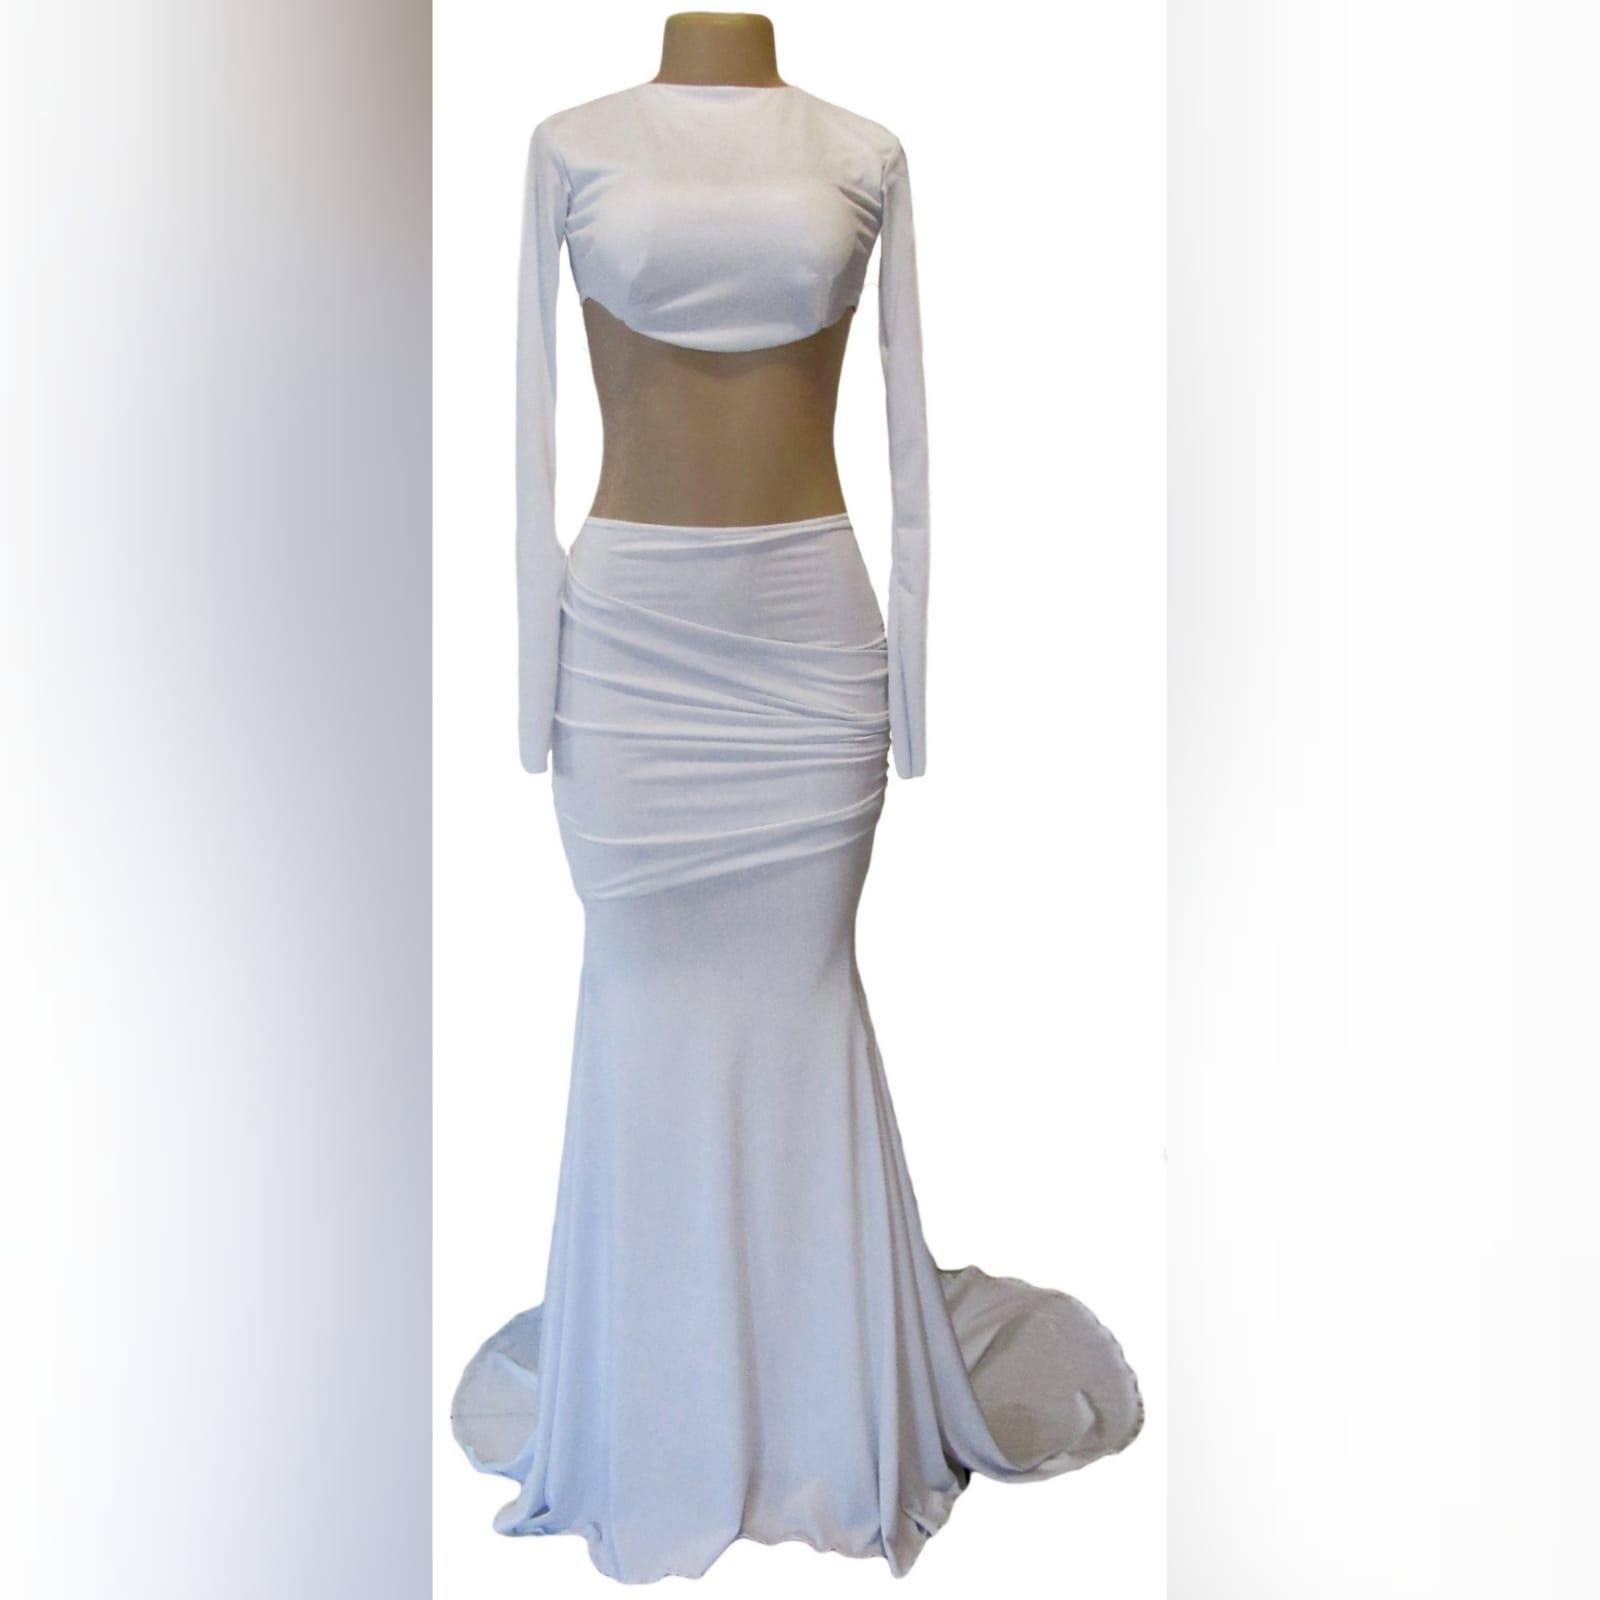 Vestido branco de 2 peças formal 5 vestido branco de 2 peças formal com top curto, mangas compridas, saia estilo sereia com ancas plissadas e uma cauda.